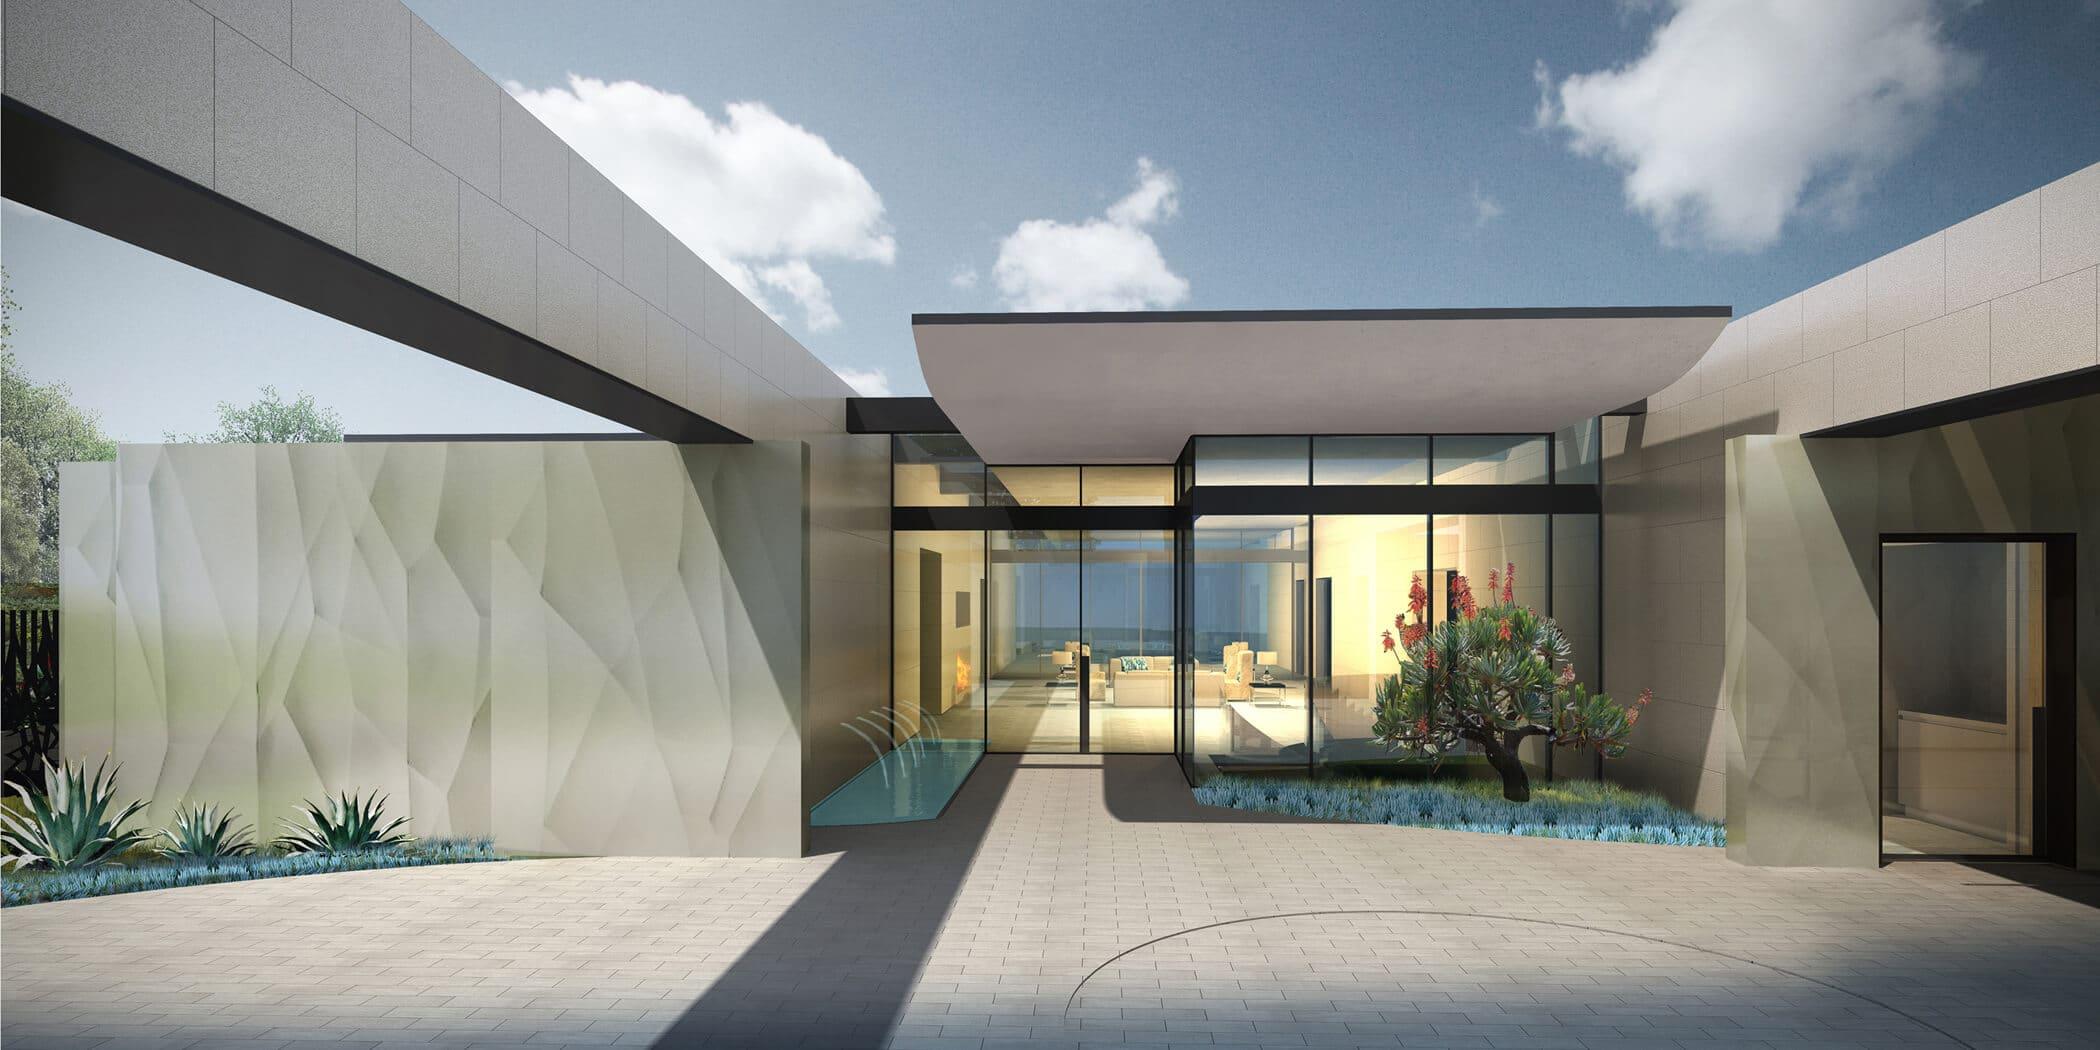 Neomodern Architecture 11